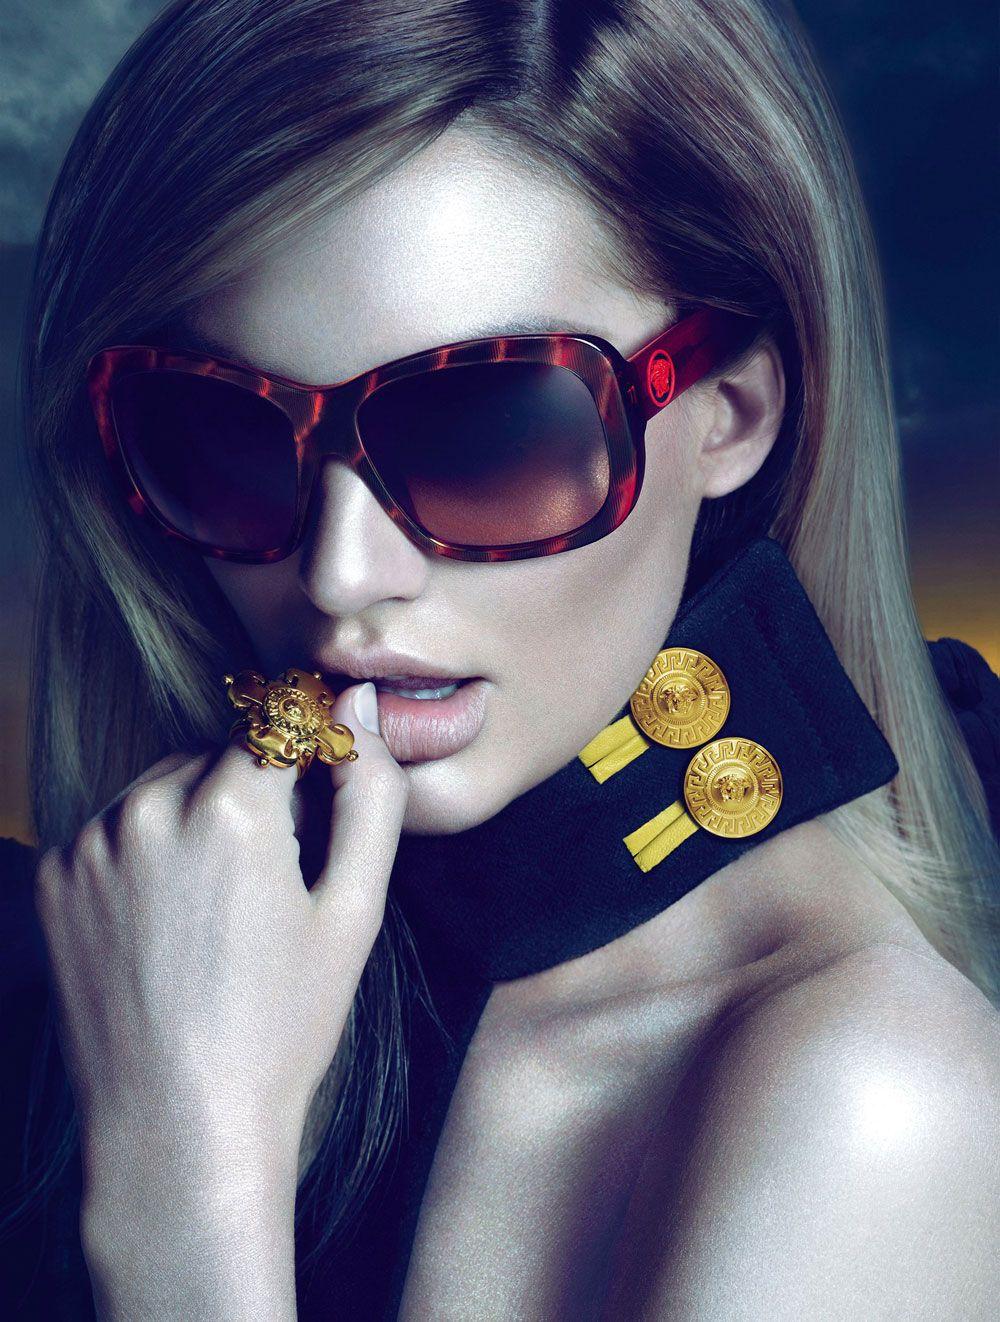 c5ec0523779e7 Versace Glasses Styles - Glasses Etc.com BlogGlasses Etc.com Blog ...